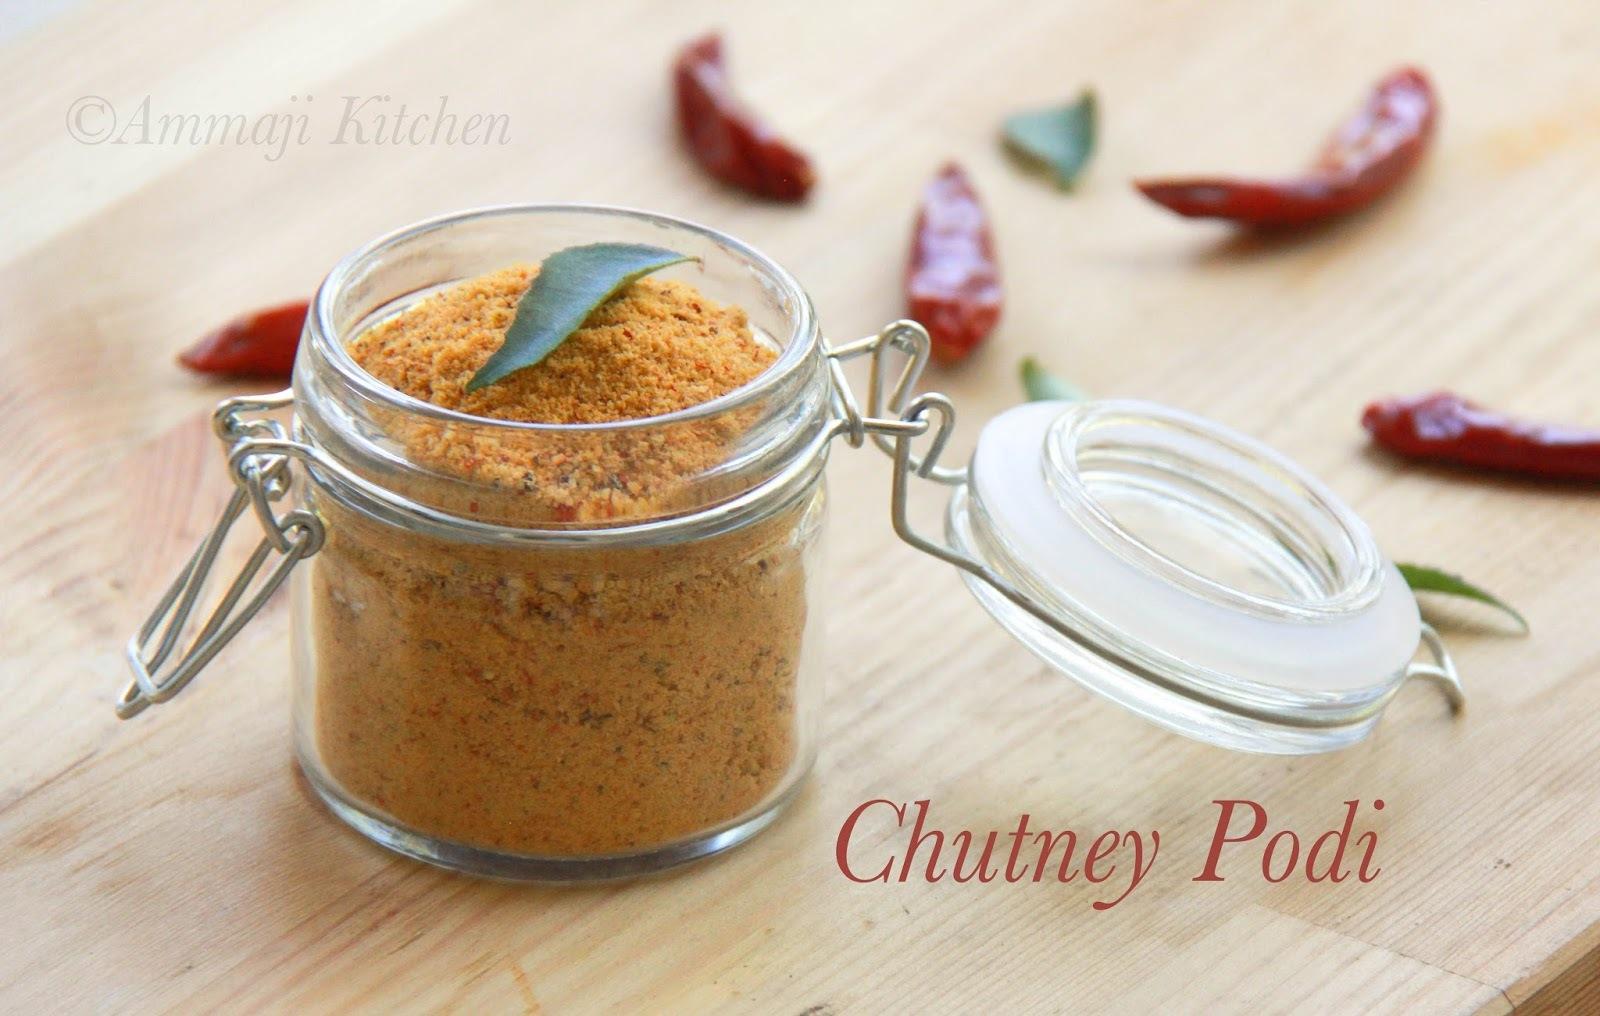 Chutney Podi | Chutney Powder